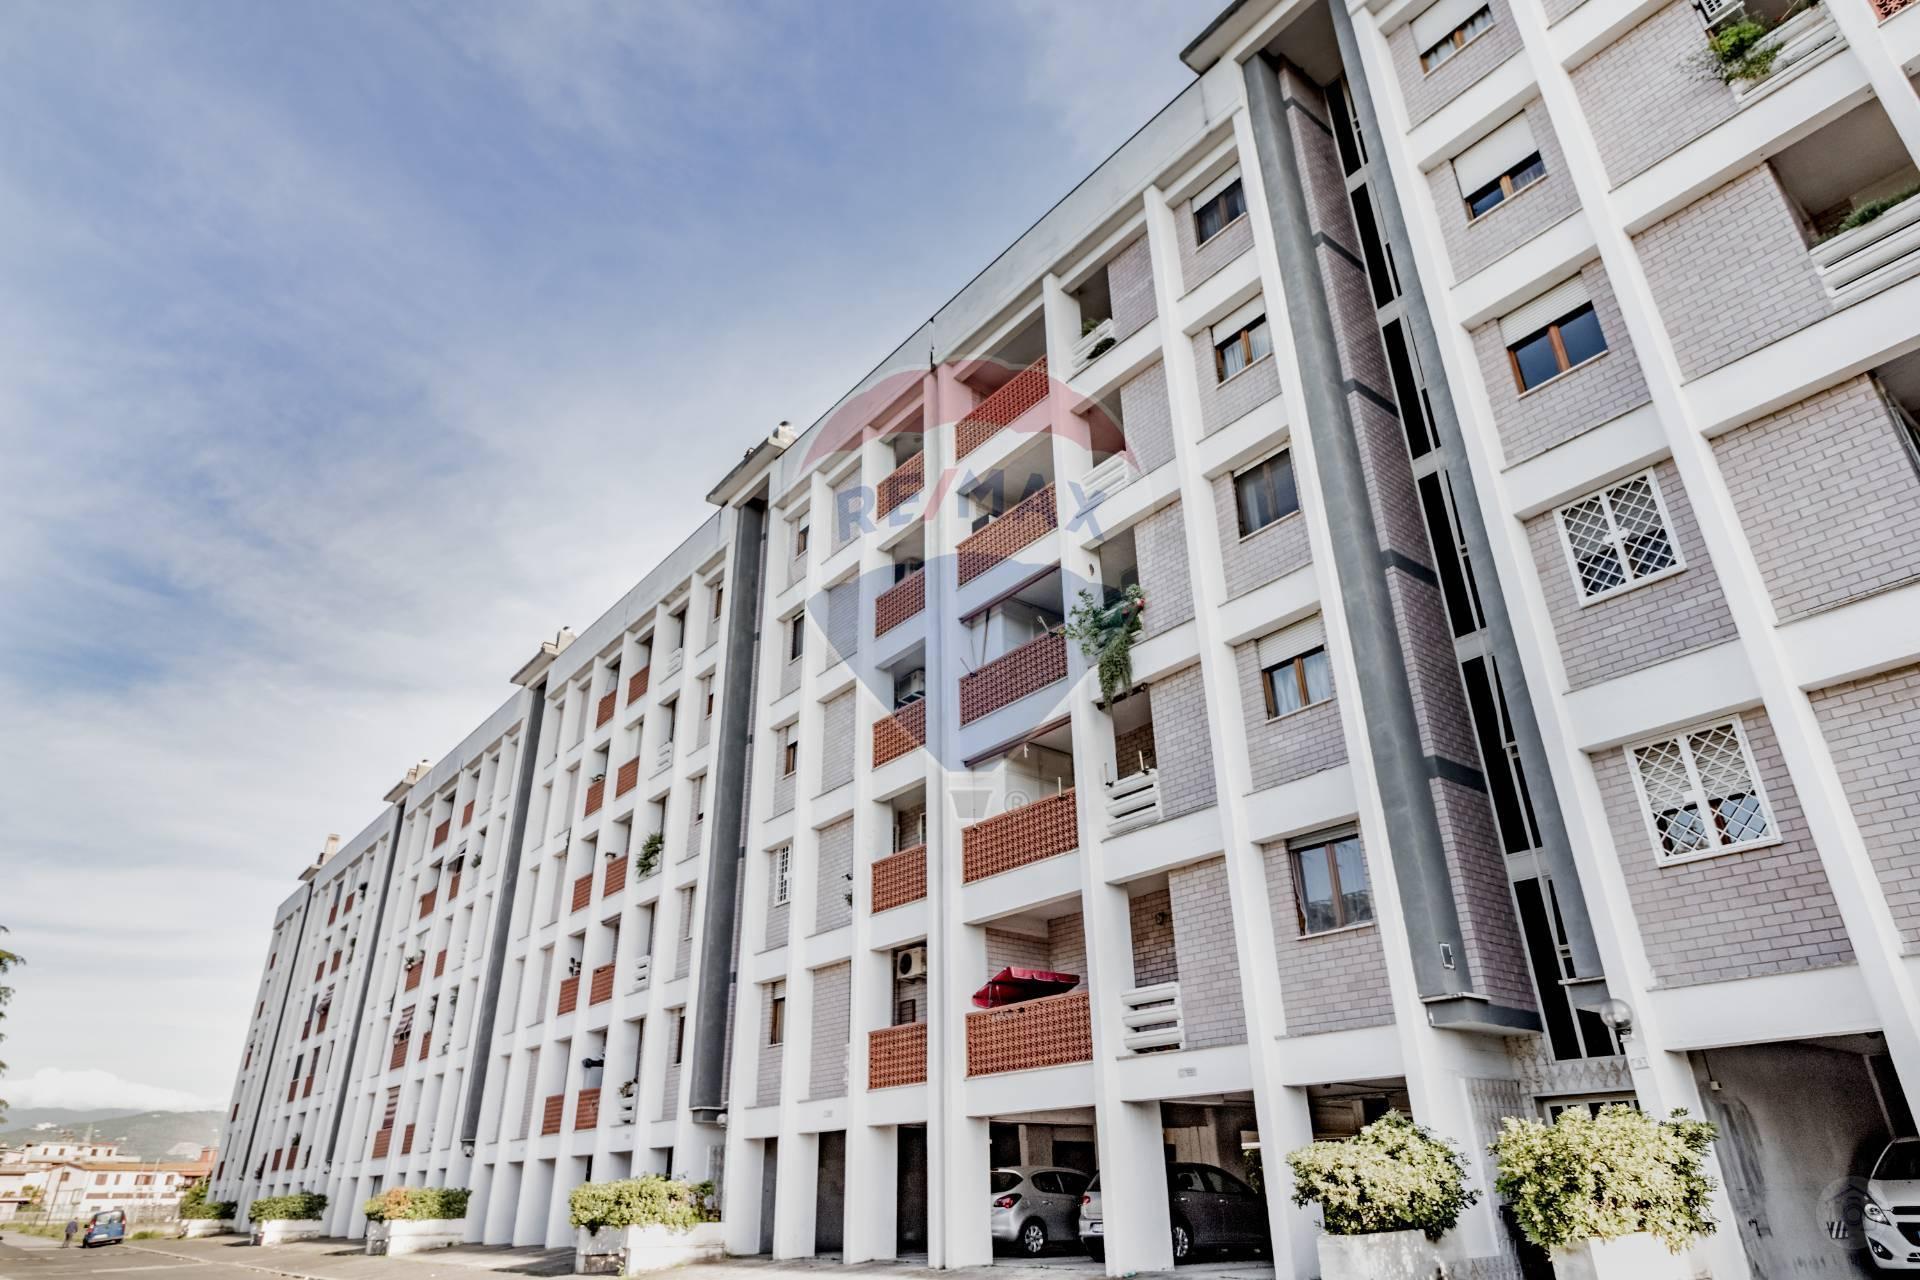 Appartamento in vendita a Tivoli, 3 locali, zona Località: TivoliTerme, prezzo € 160.000 | CambioCasa.it